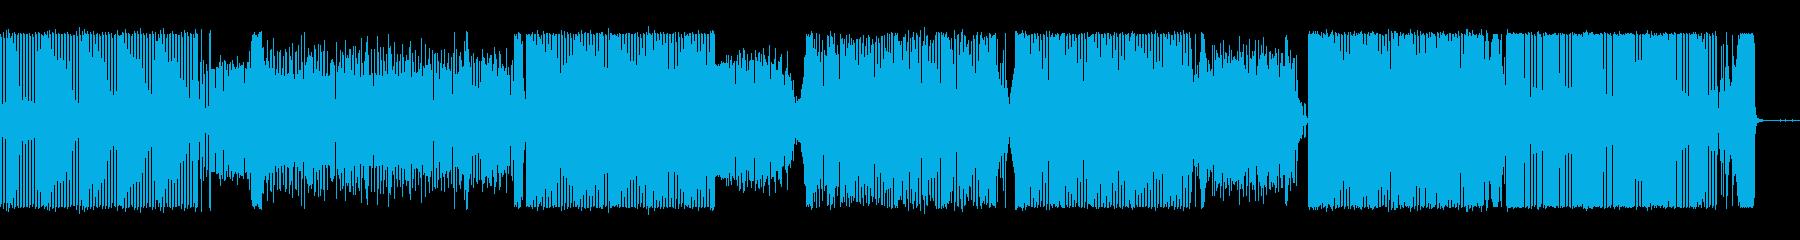 反復的、単純化、サイケデリック。パ...の再生済みの波形